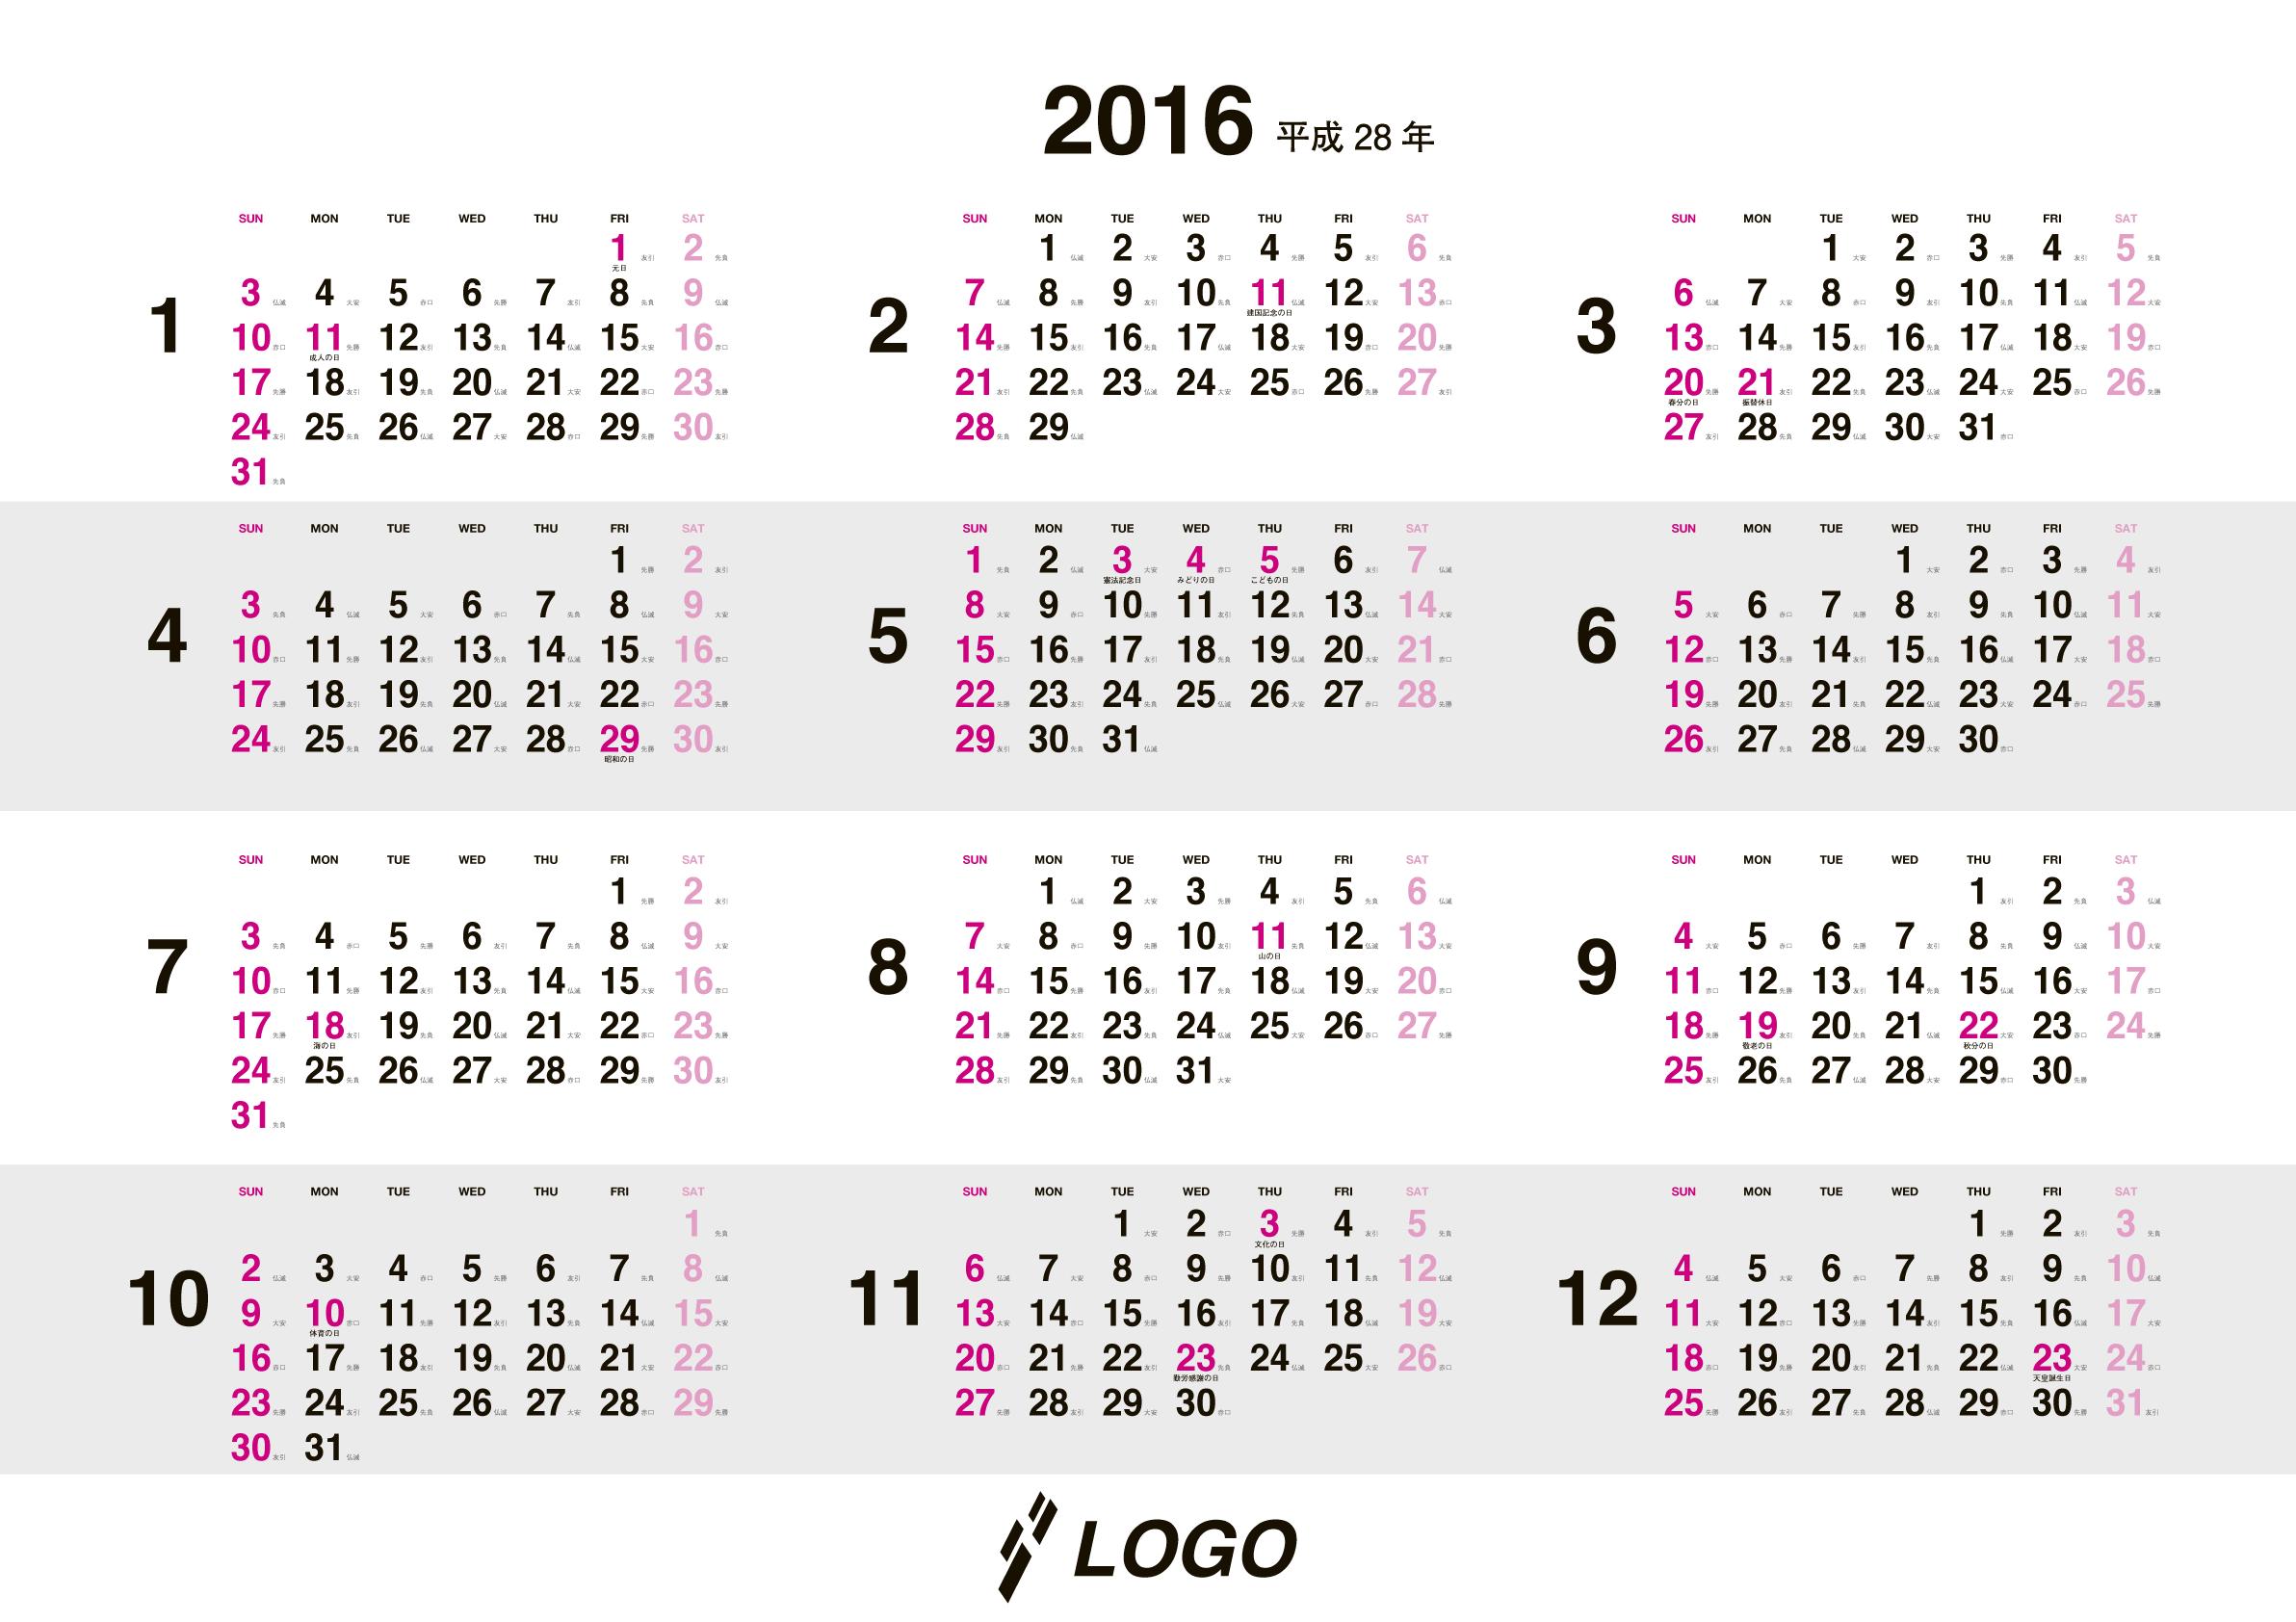 カレンダー 2015年度カレンダーダウンロード : ハッピーカレンダー 2016 - When is ...